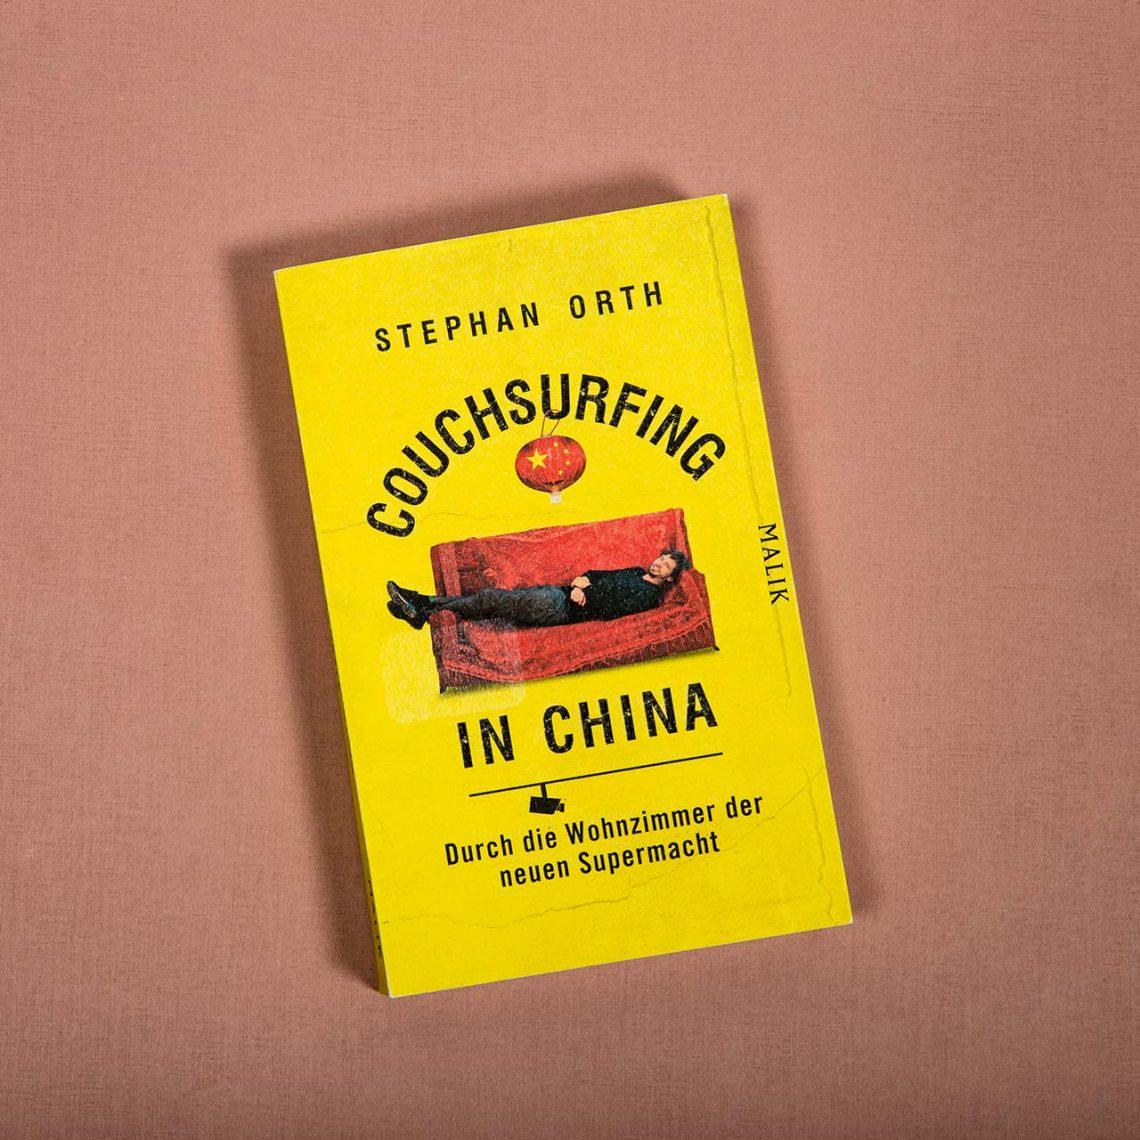 2019_Buch_CouchsurfingChina_01